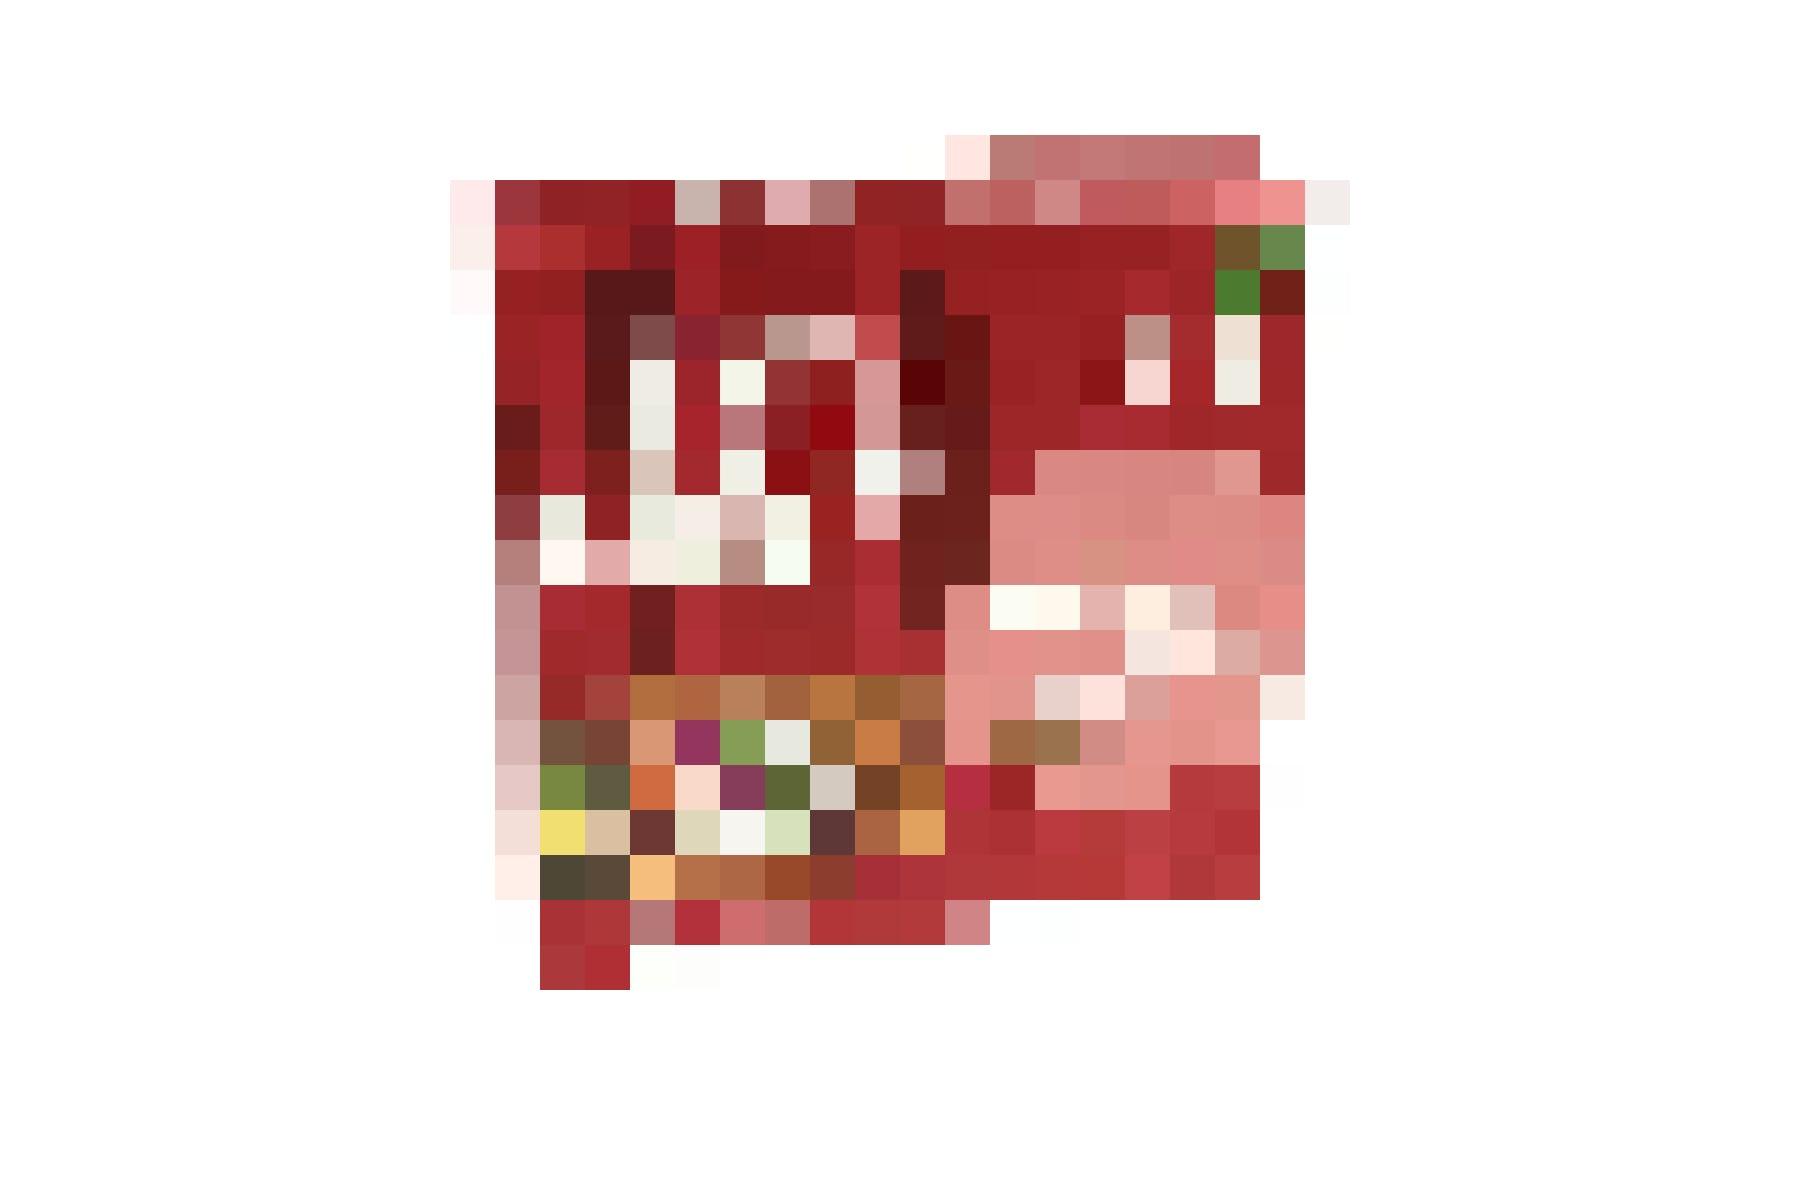 Pour les tartines: Pain croustillant Finn Crisp Original, 2 fr. 35/200g, dans les points de vente Coop.